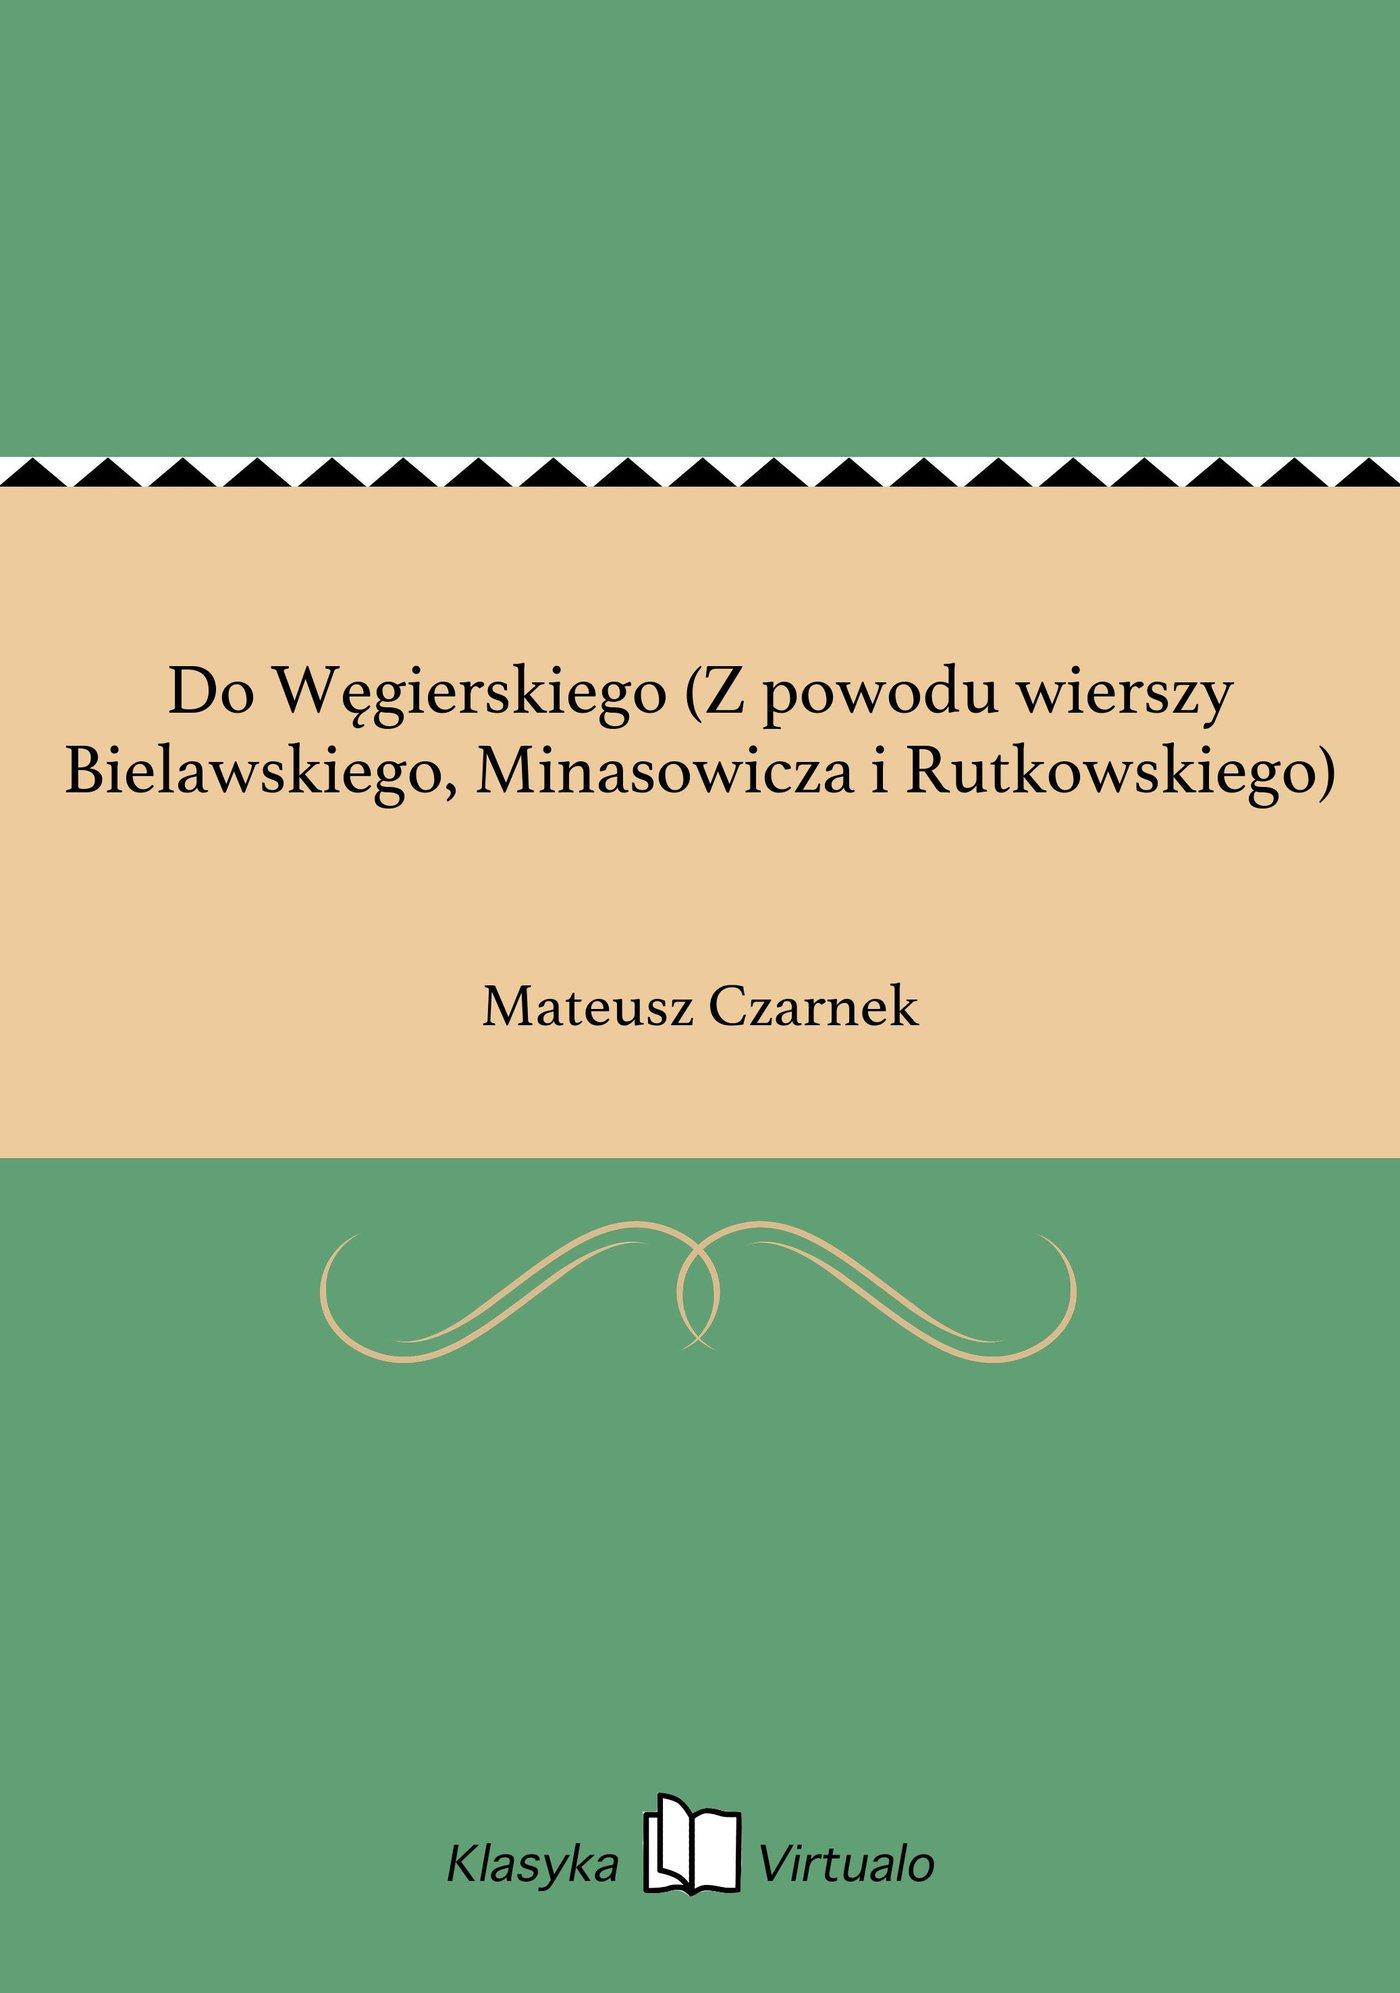 Do Węgierskiego (Z powodu wierszy Bielawskiego, Minasowicza i Rutkowskiego) - Ebook (Książka EPUB) do pobrania w formacie EPUB